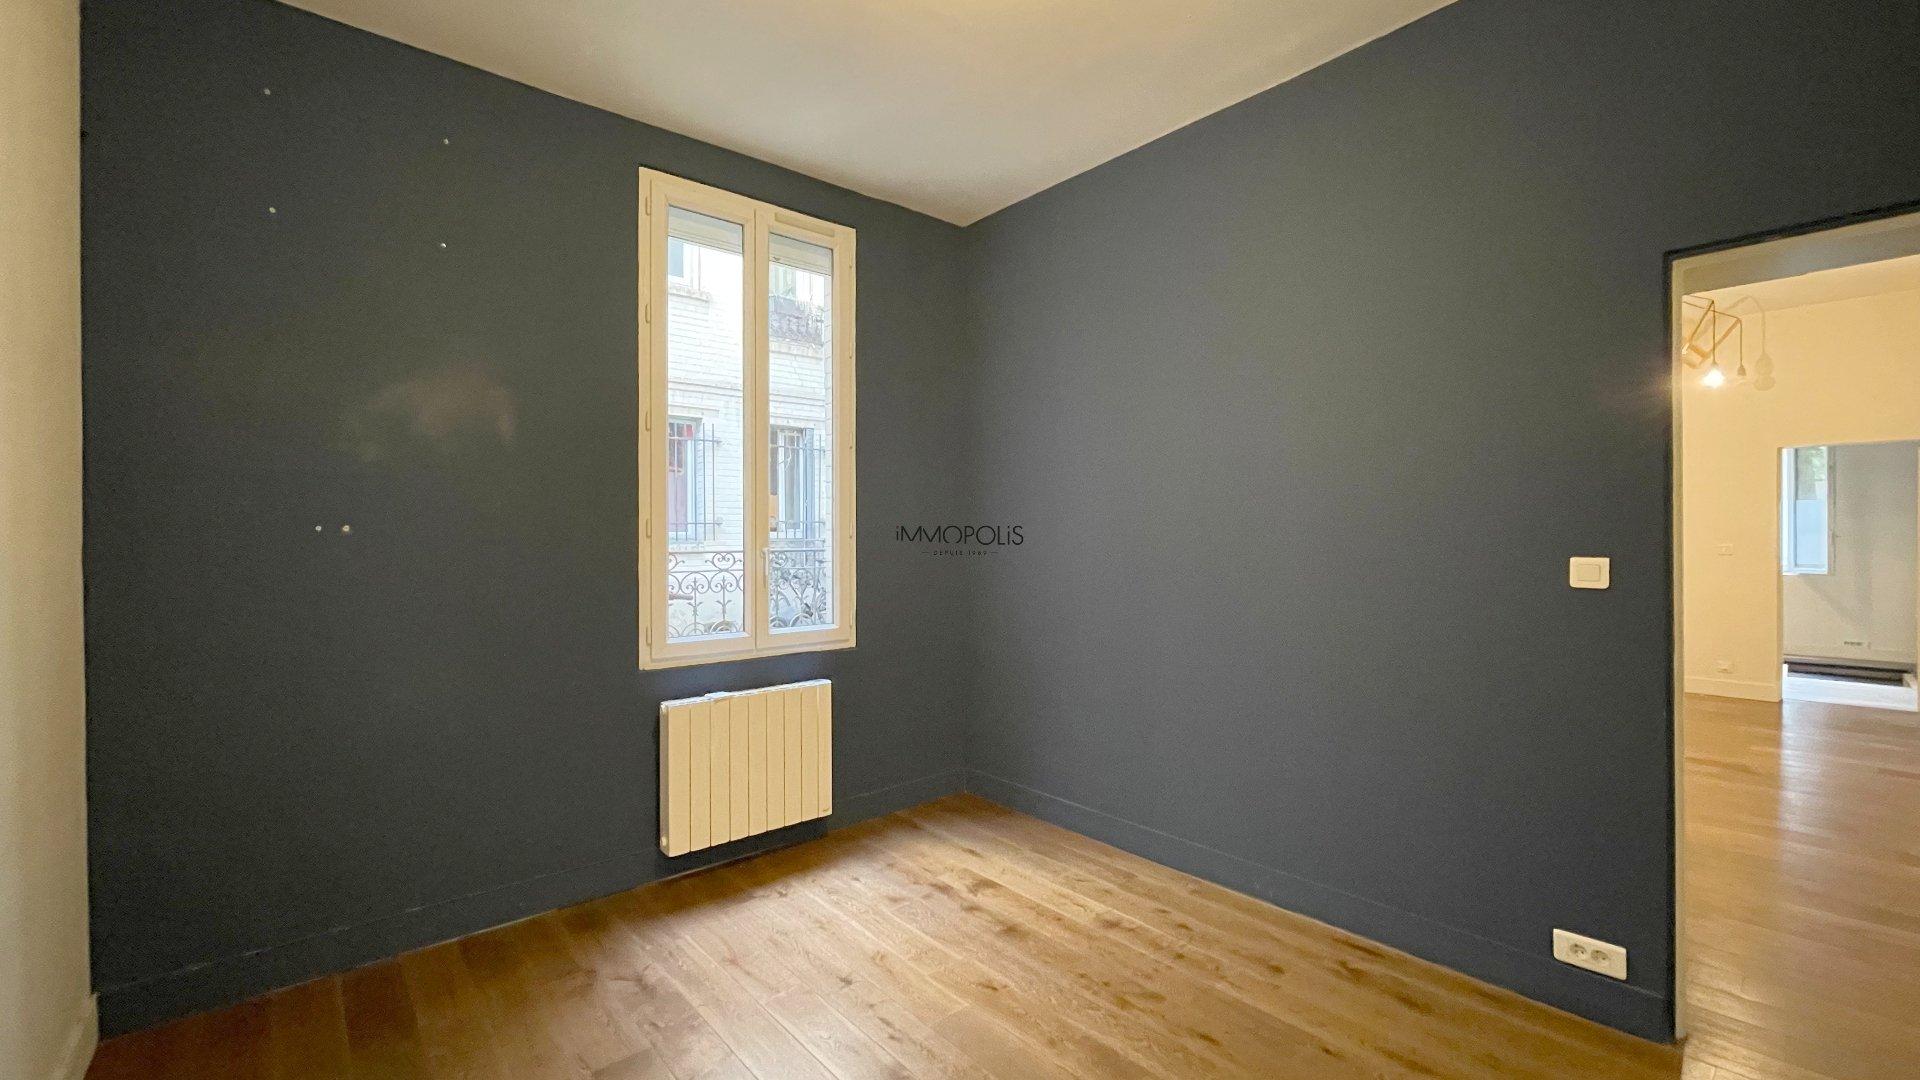 Saint Ouen, district Michelet / Dr. Bauer, in Rue Arboraée Quiet, magnificent souplex «like a house» 6